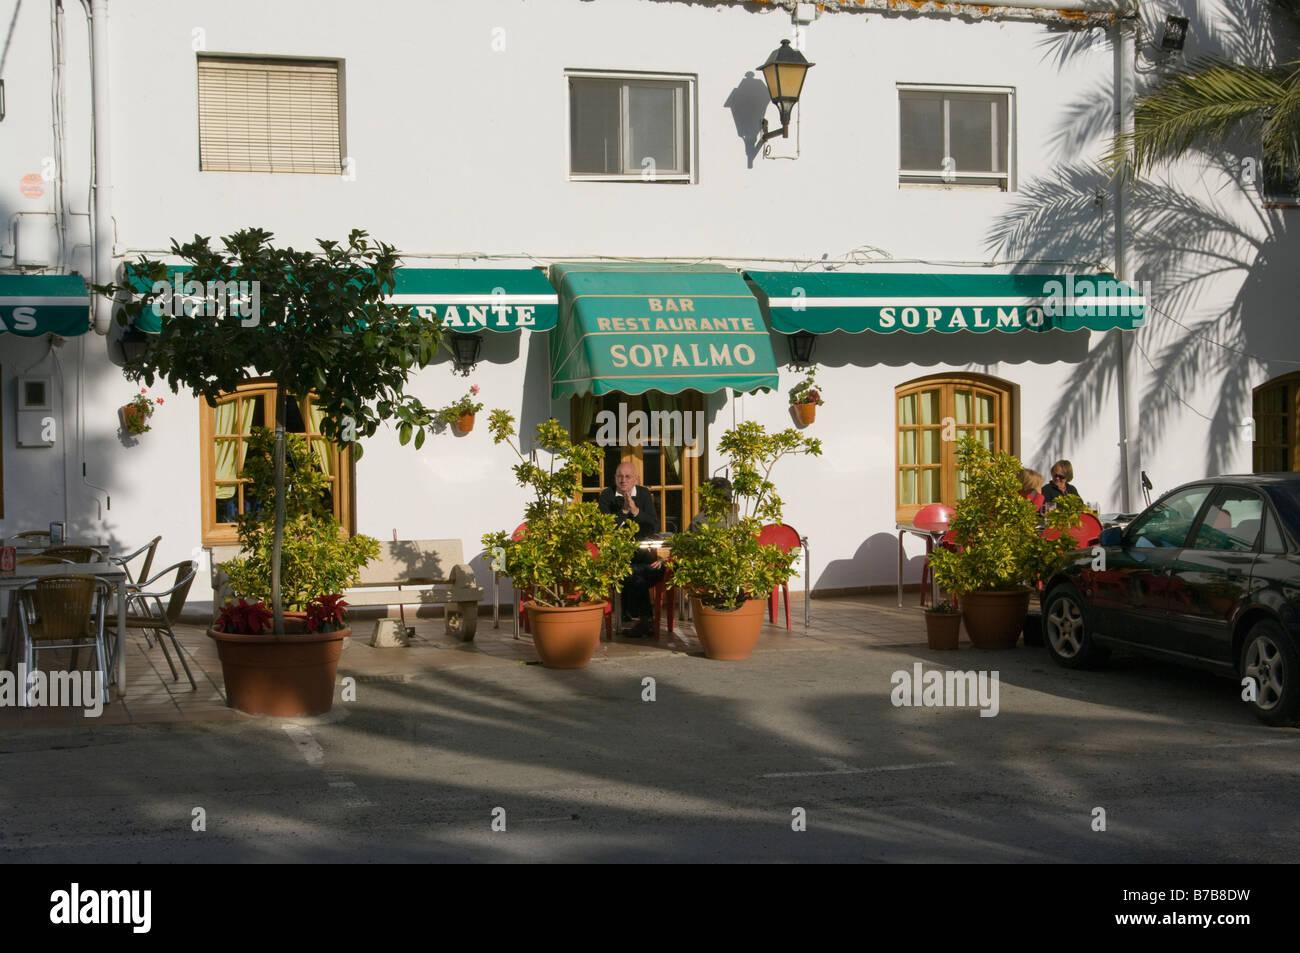 Restaurant In The Spanish Village Of Sopalmo Almeria Spain   Stock Image